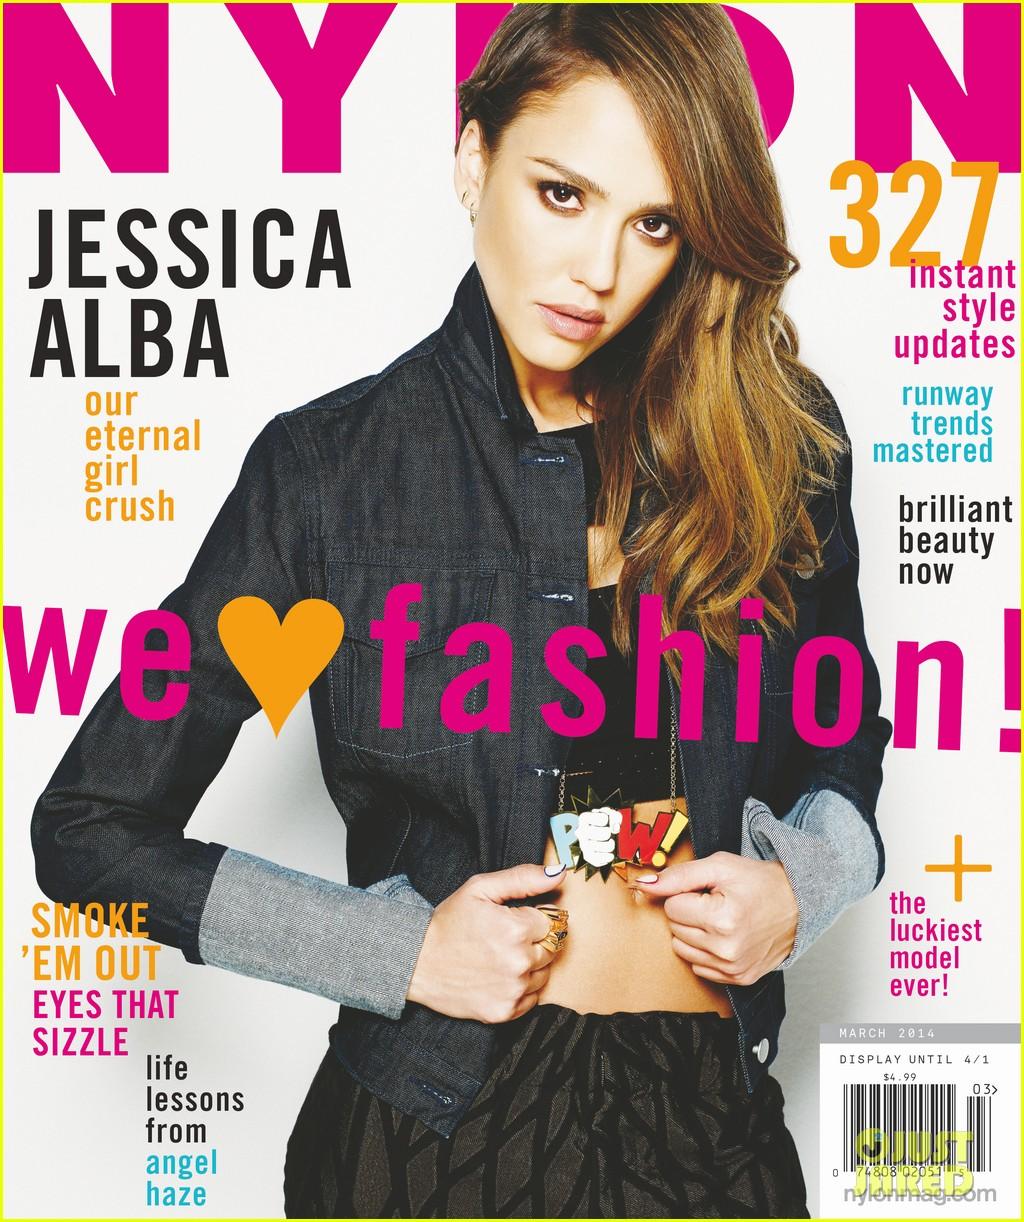 jessica alba covers nylon march 2014 01